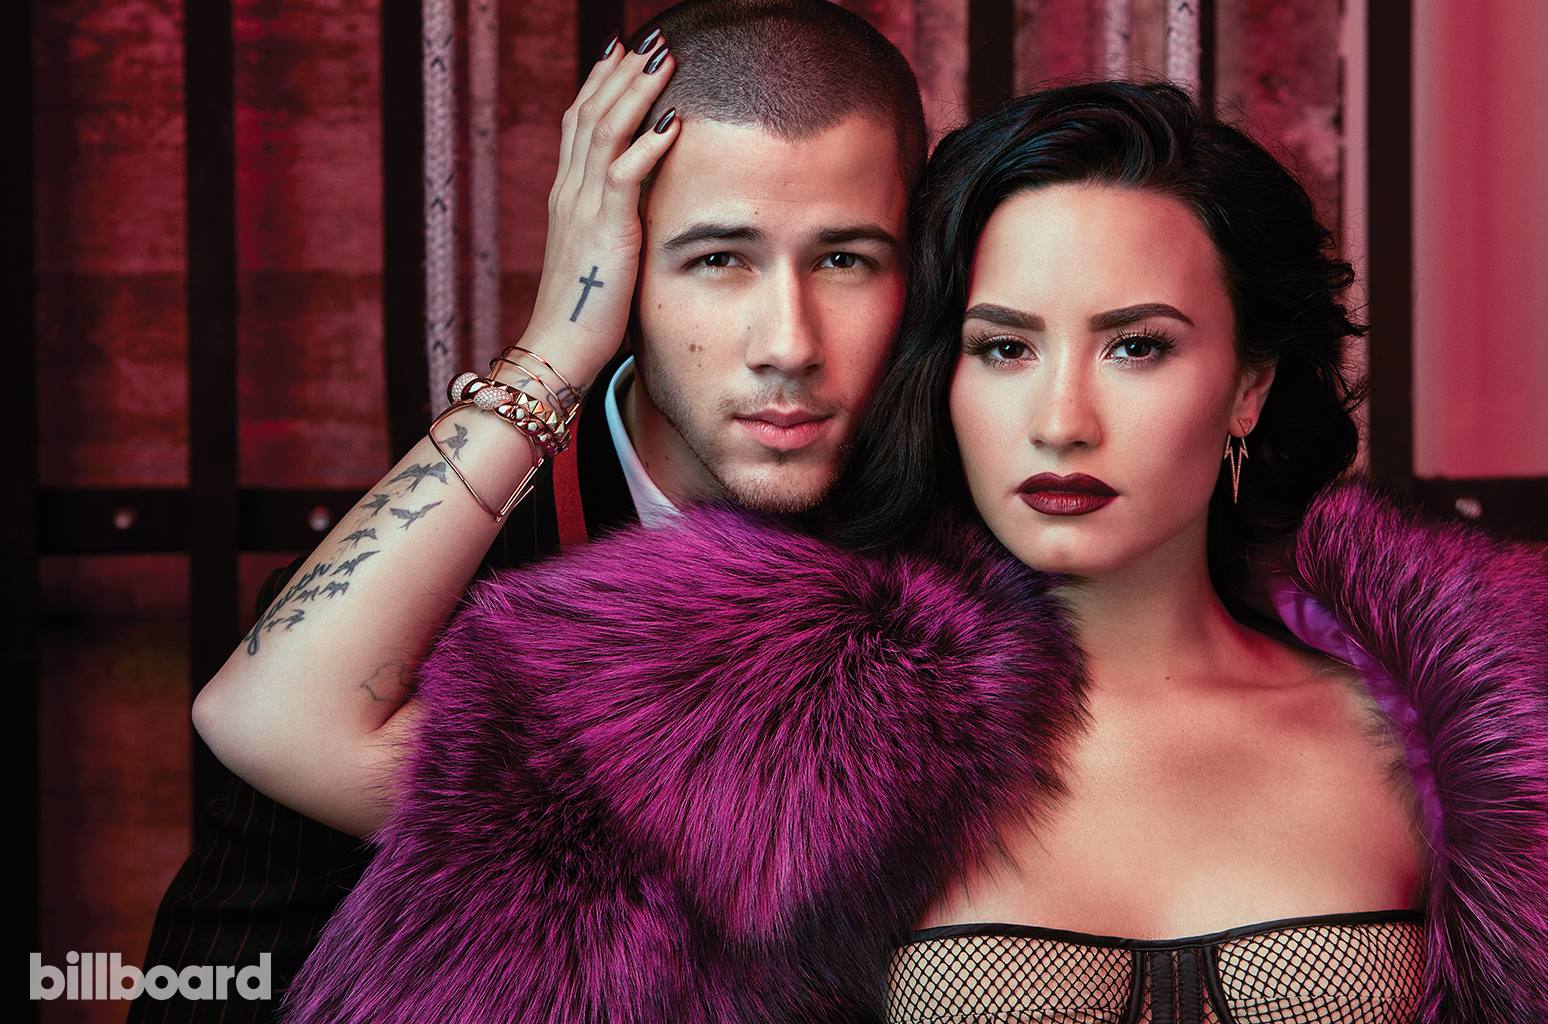 Là bạn thân 10 năm nhưng Demi tiết lộ muốn vượt rào với Nick Jonas trong bài mới? - Ảnh 2.